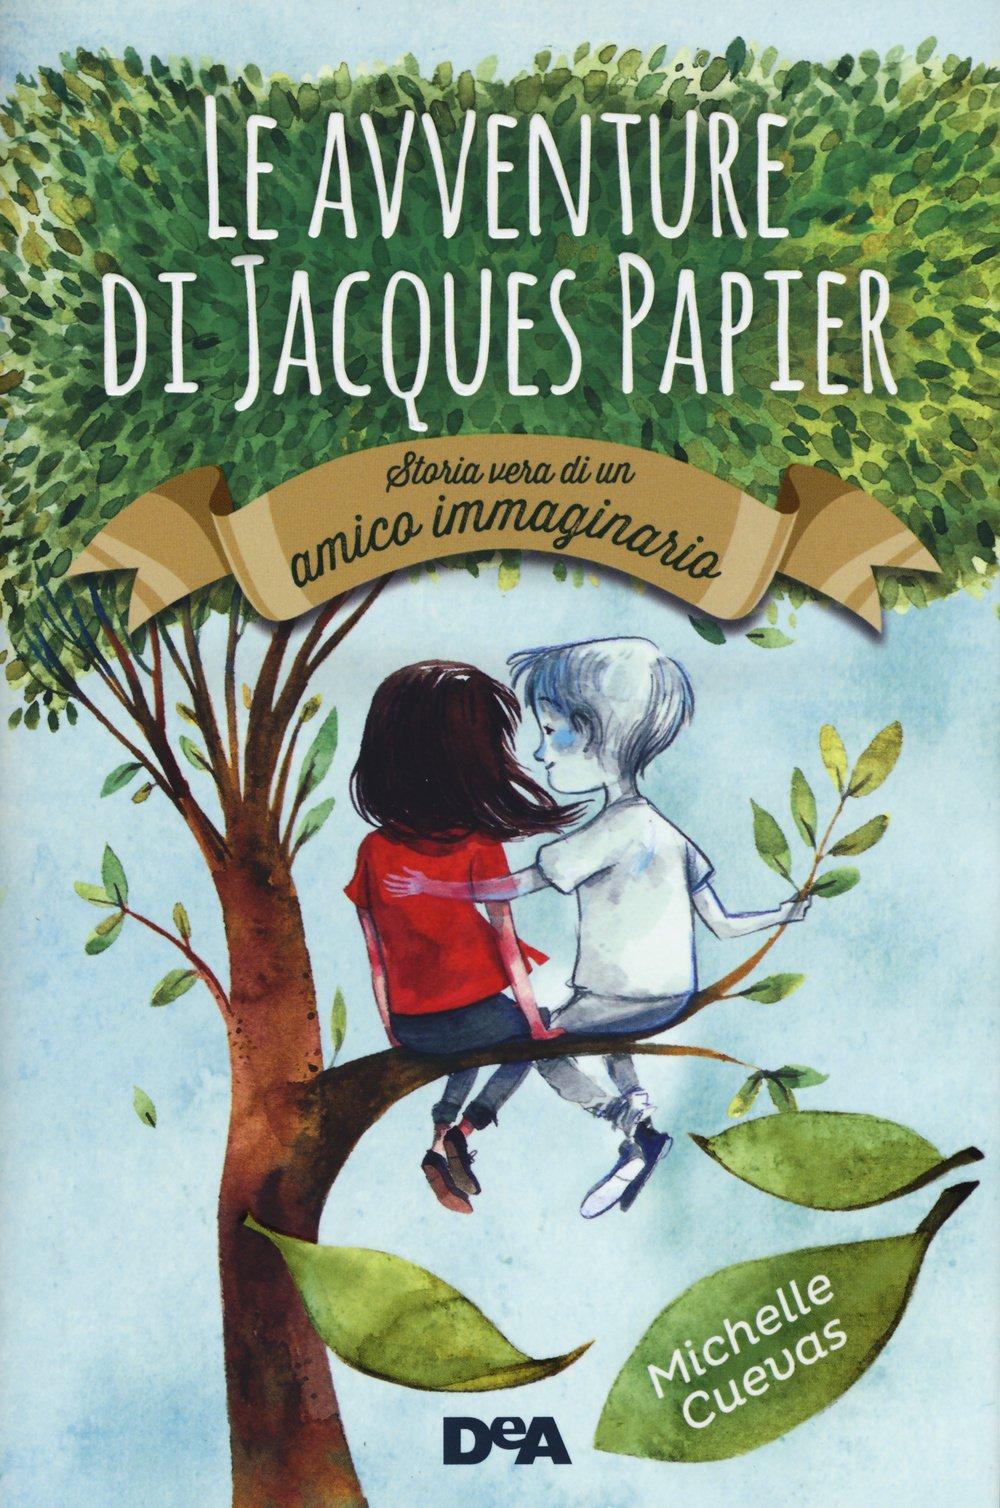 Le avventure di Jacques Papier. Storia vera di un amico immaginario:  Amazon.it: Cuevas, Michelle, Iacobaci, G.: Libri